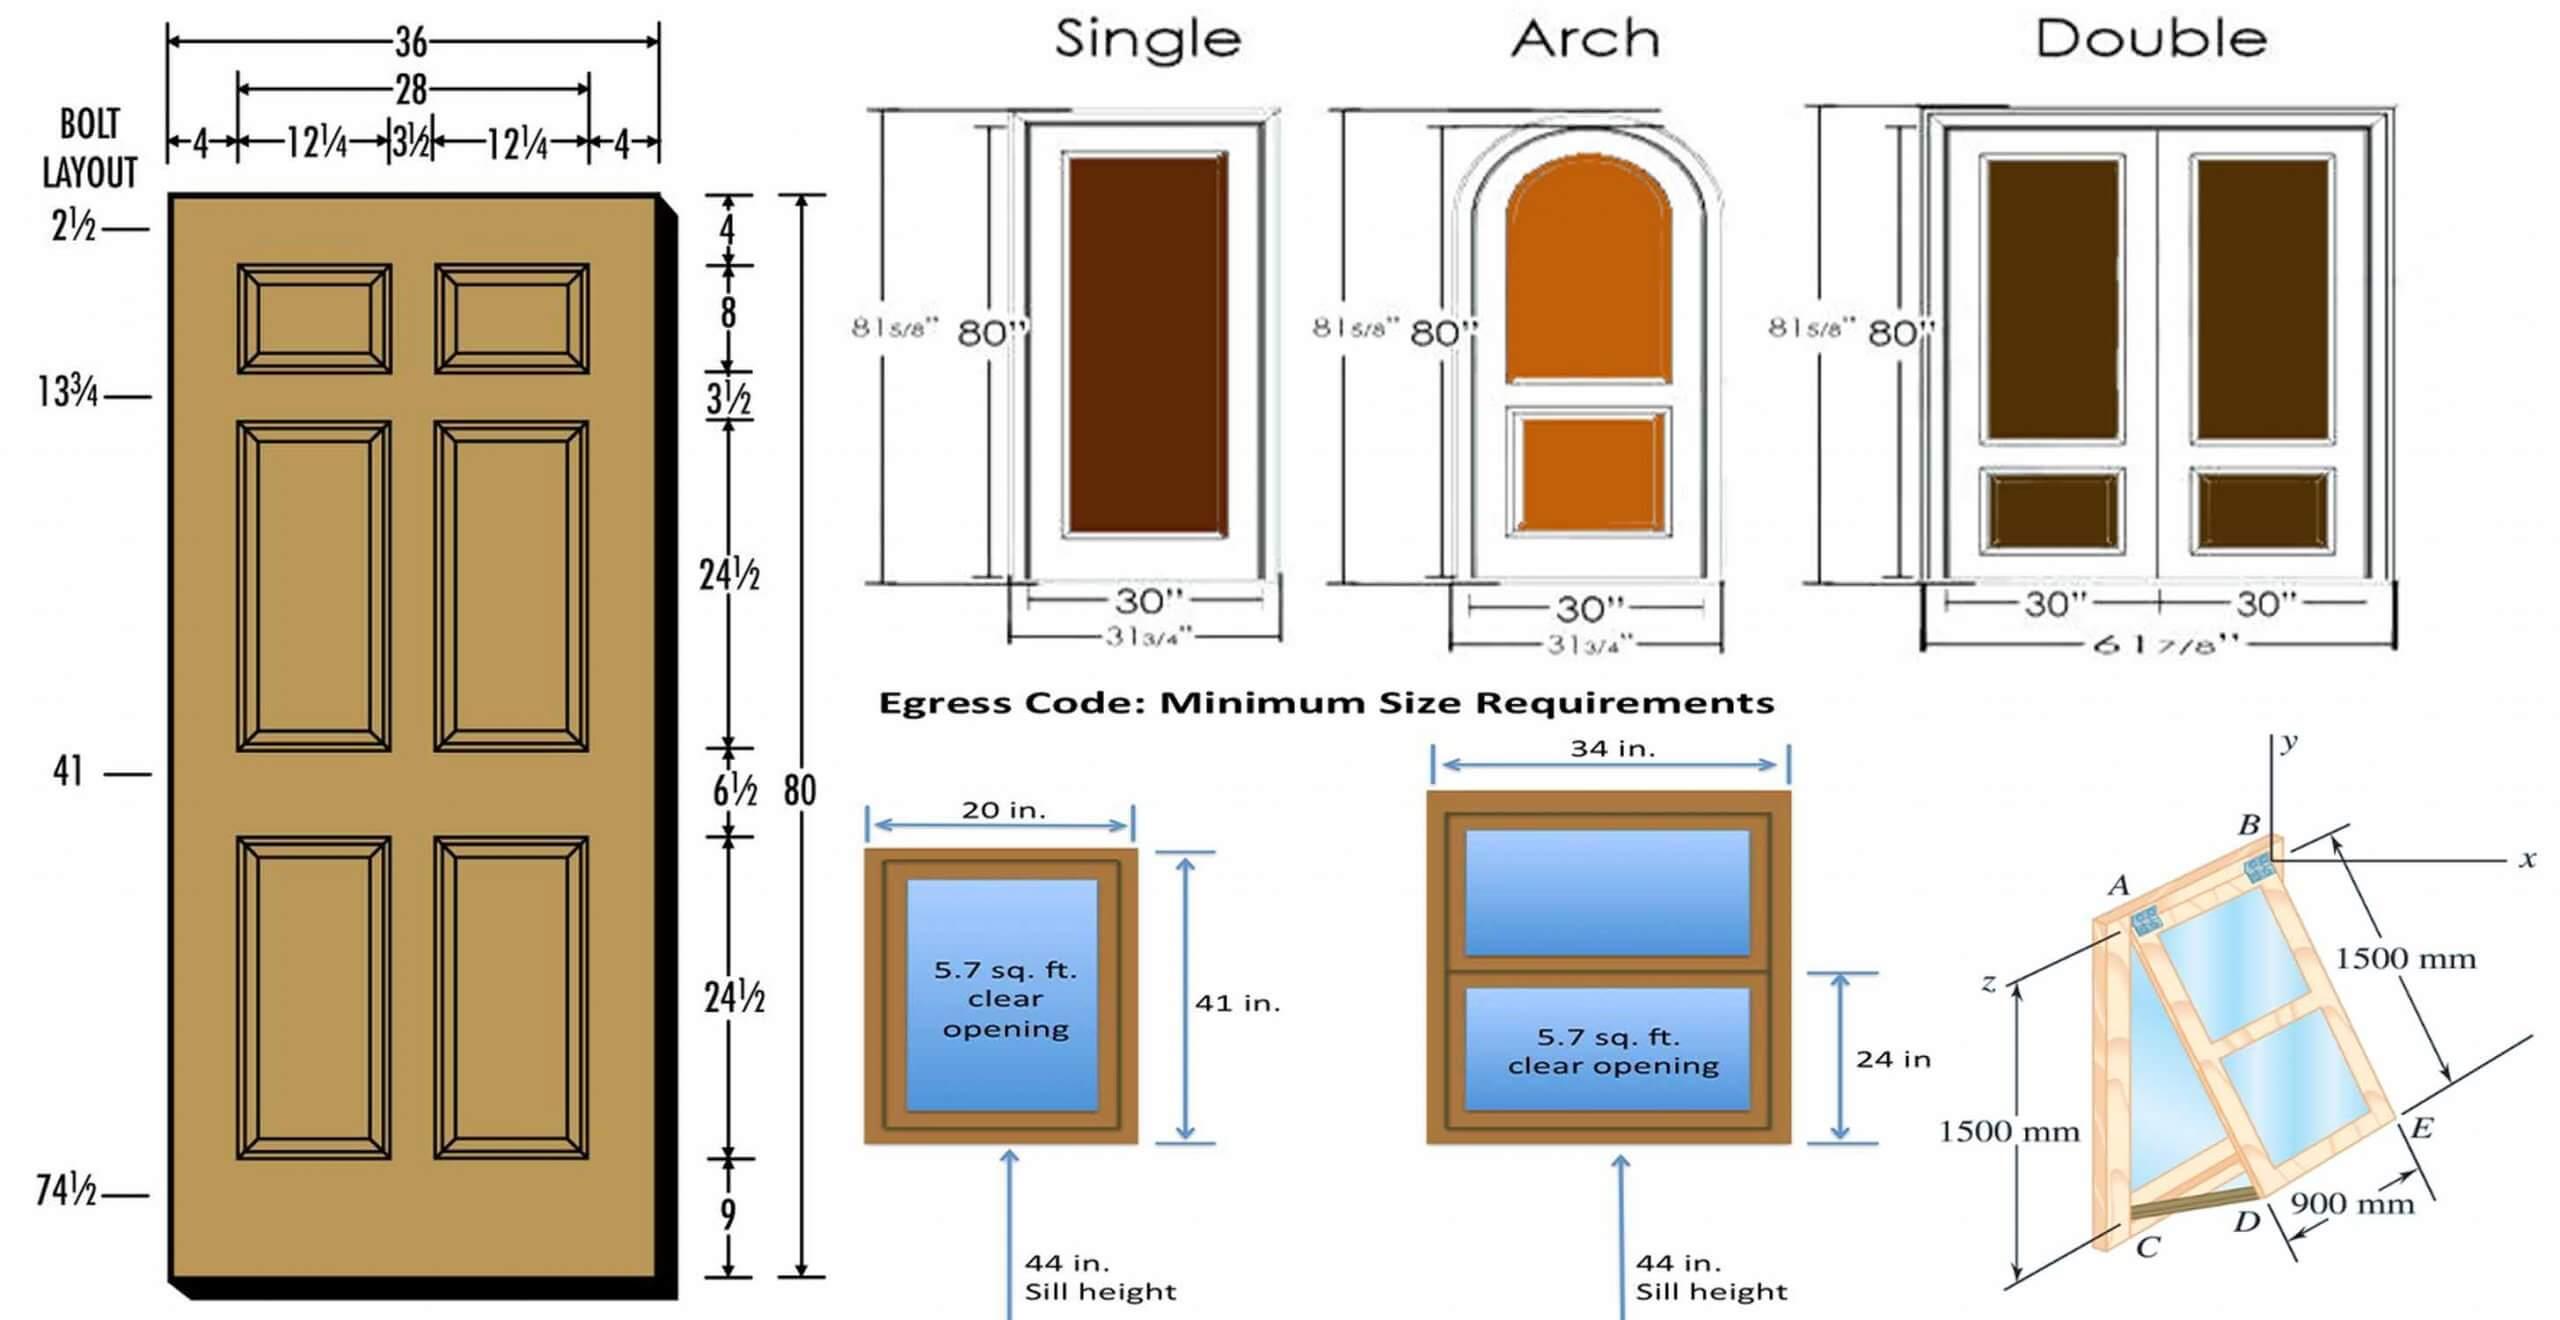 Standard Dimensions Of Door And Window